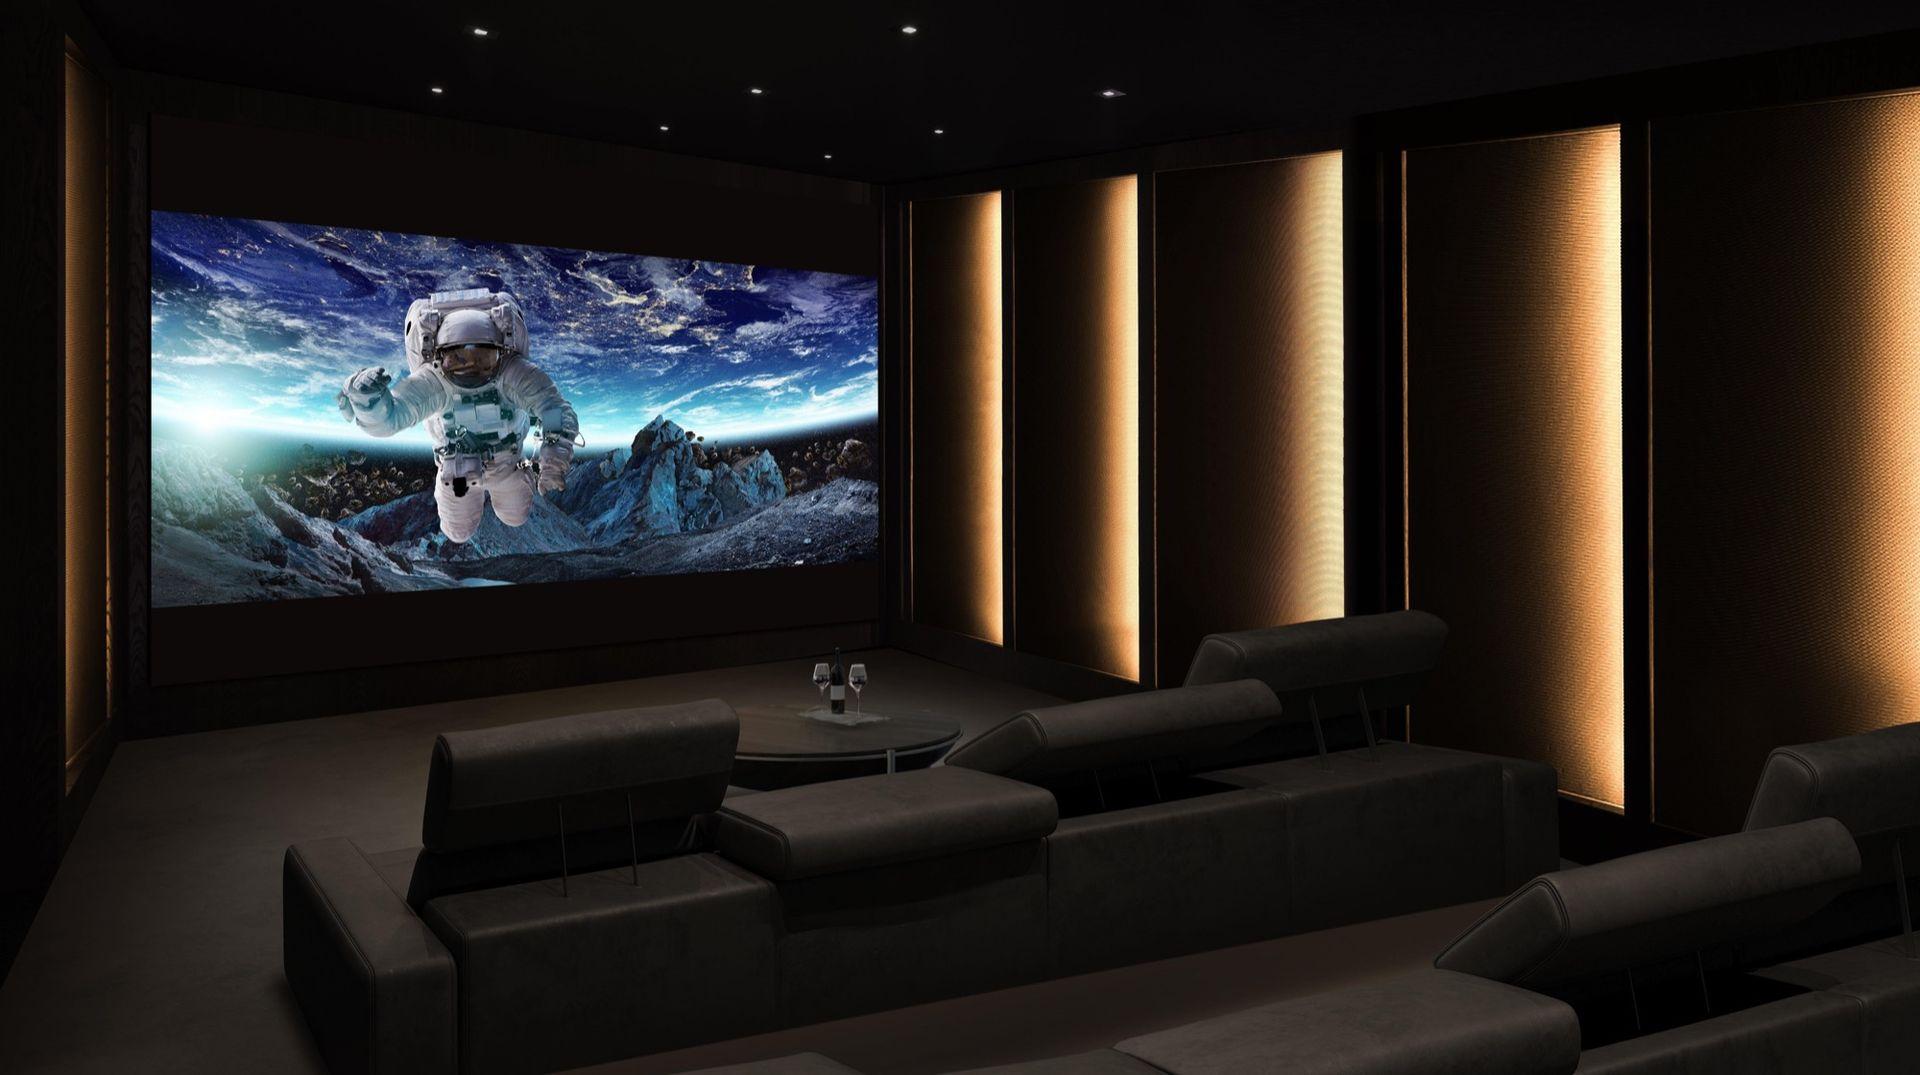 LG släpper 325 tum stor tv